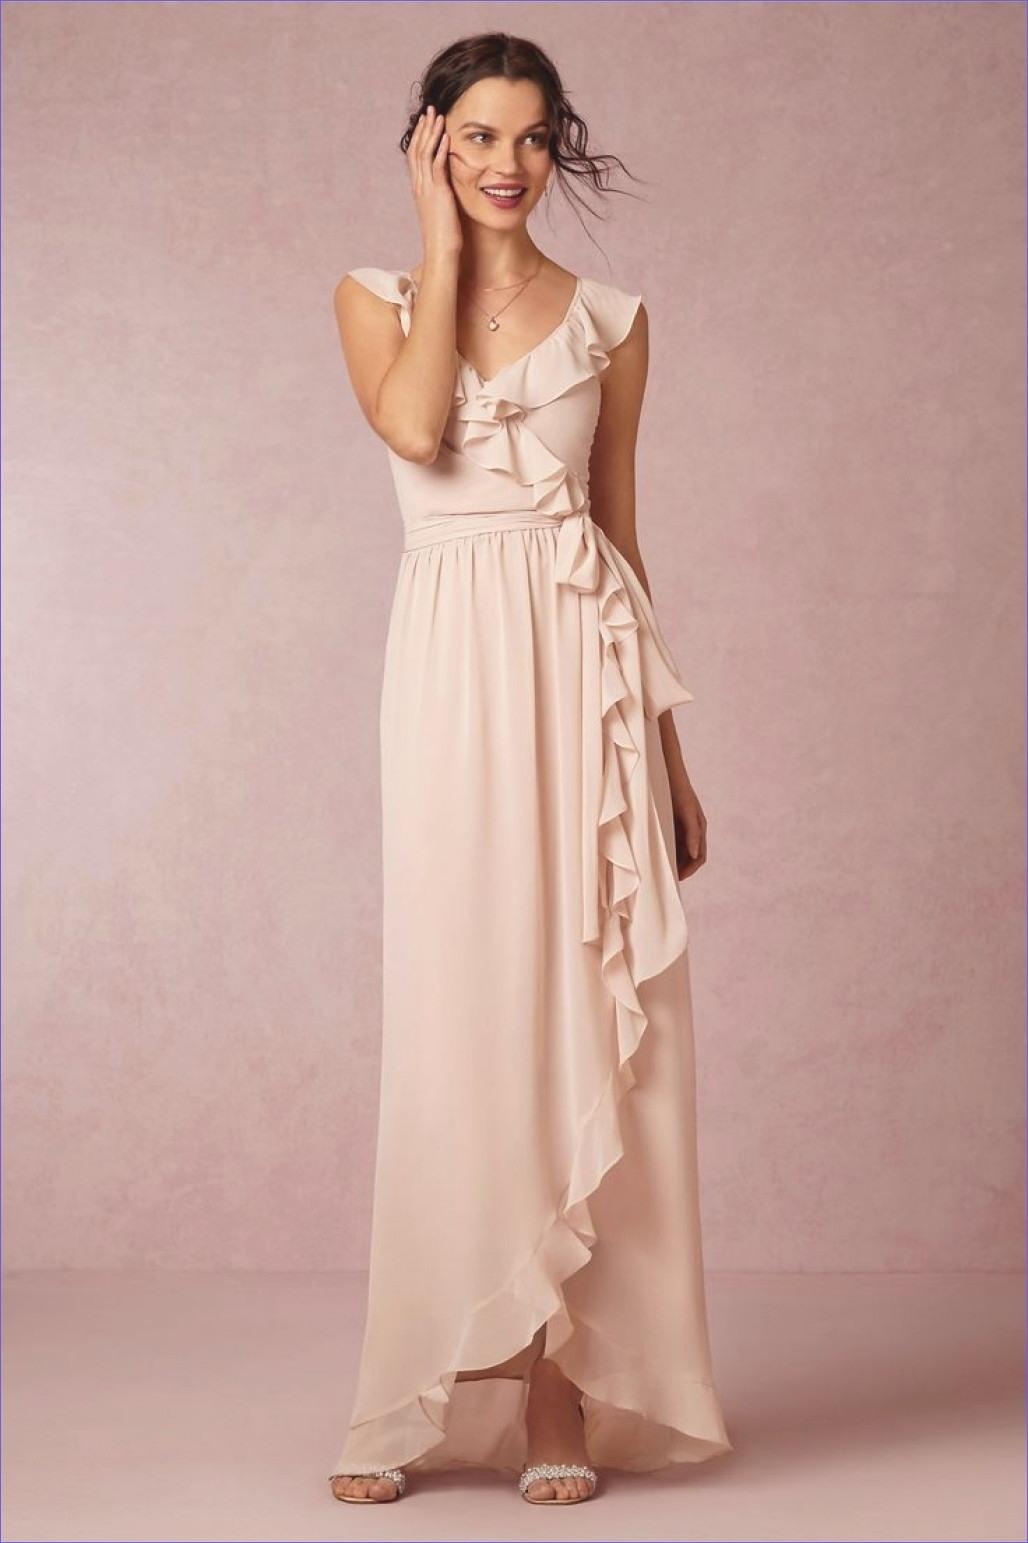 10 Fantastisch Kleid Für Hochzeit Als Gast Bester PreisAbend Elegant Kleid Für Hochzeit Als Gast Spezialgebiet